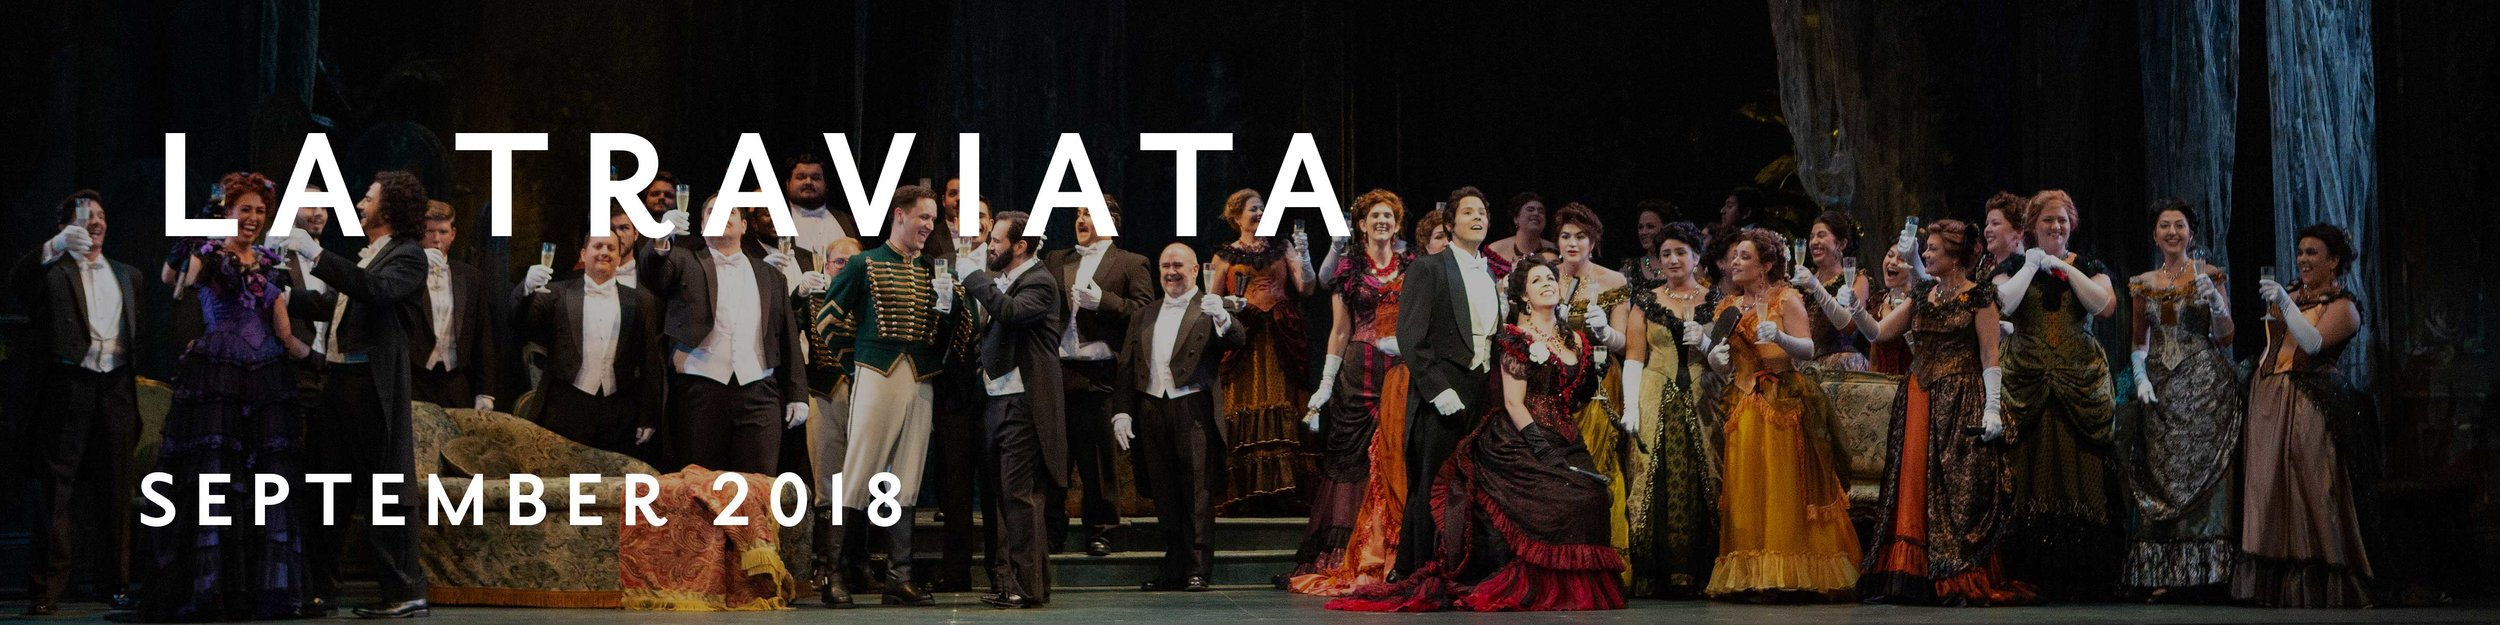 La-Traviata_Banner_Button.jpg